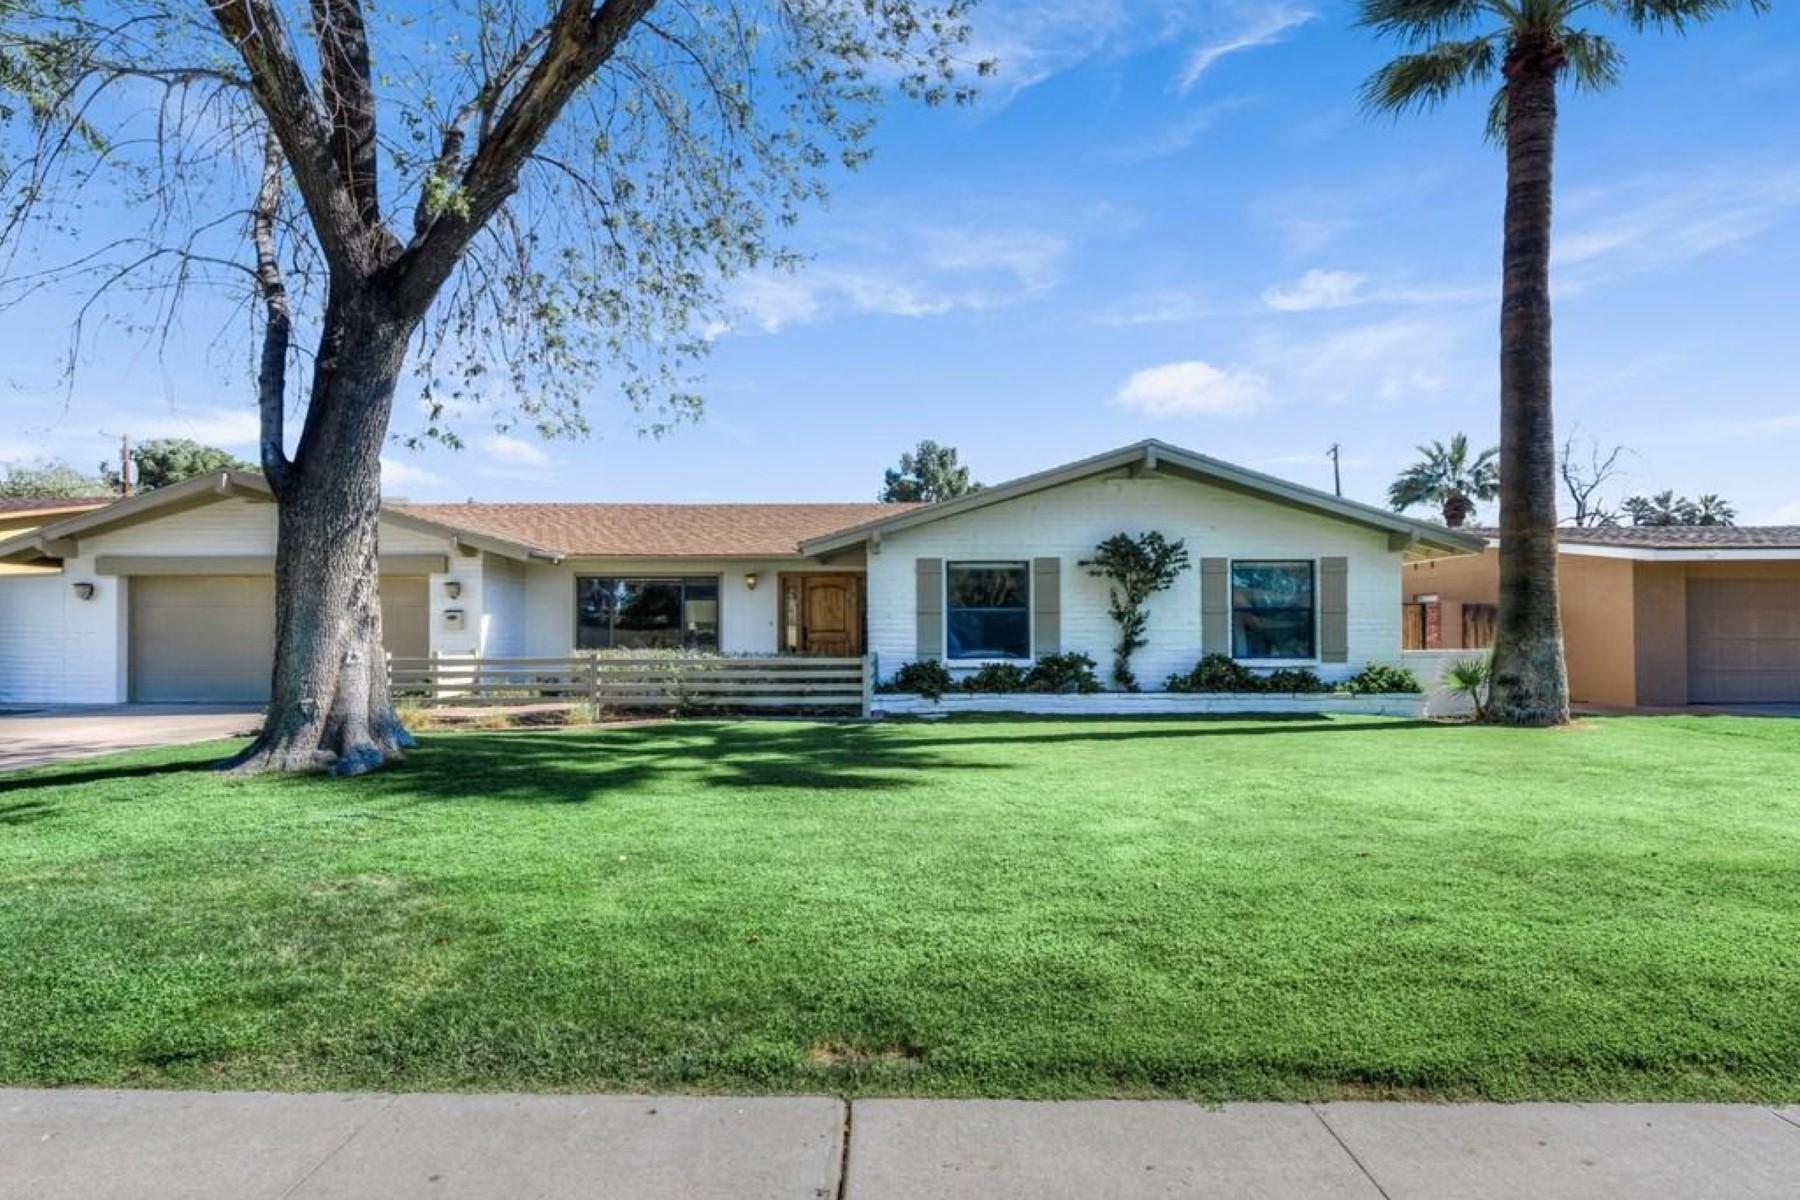 一戸建て のために 売買 アット Recently remodeled stylish ranch home 4527 N 35th St Phoenix, アリゾナ, 85018 アメリカ合衆国